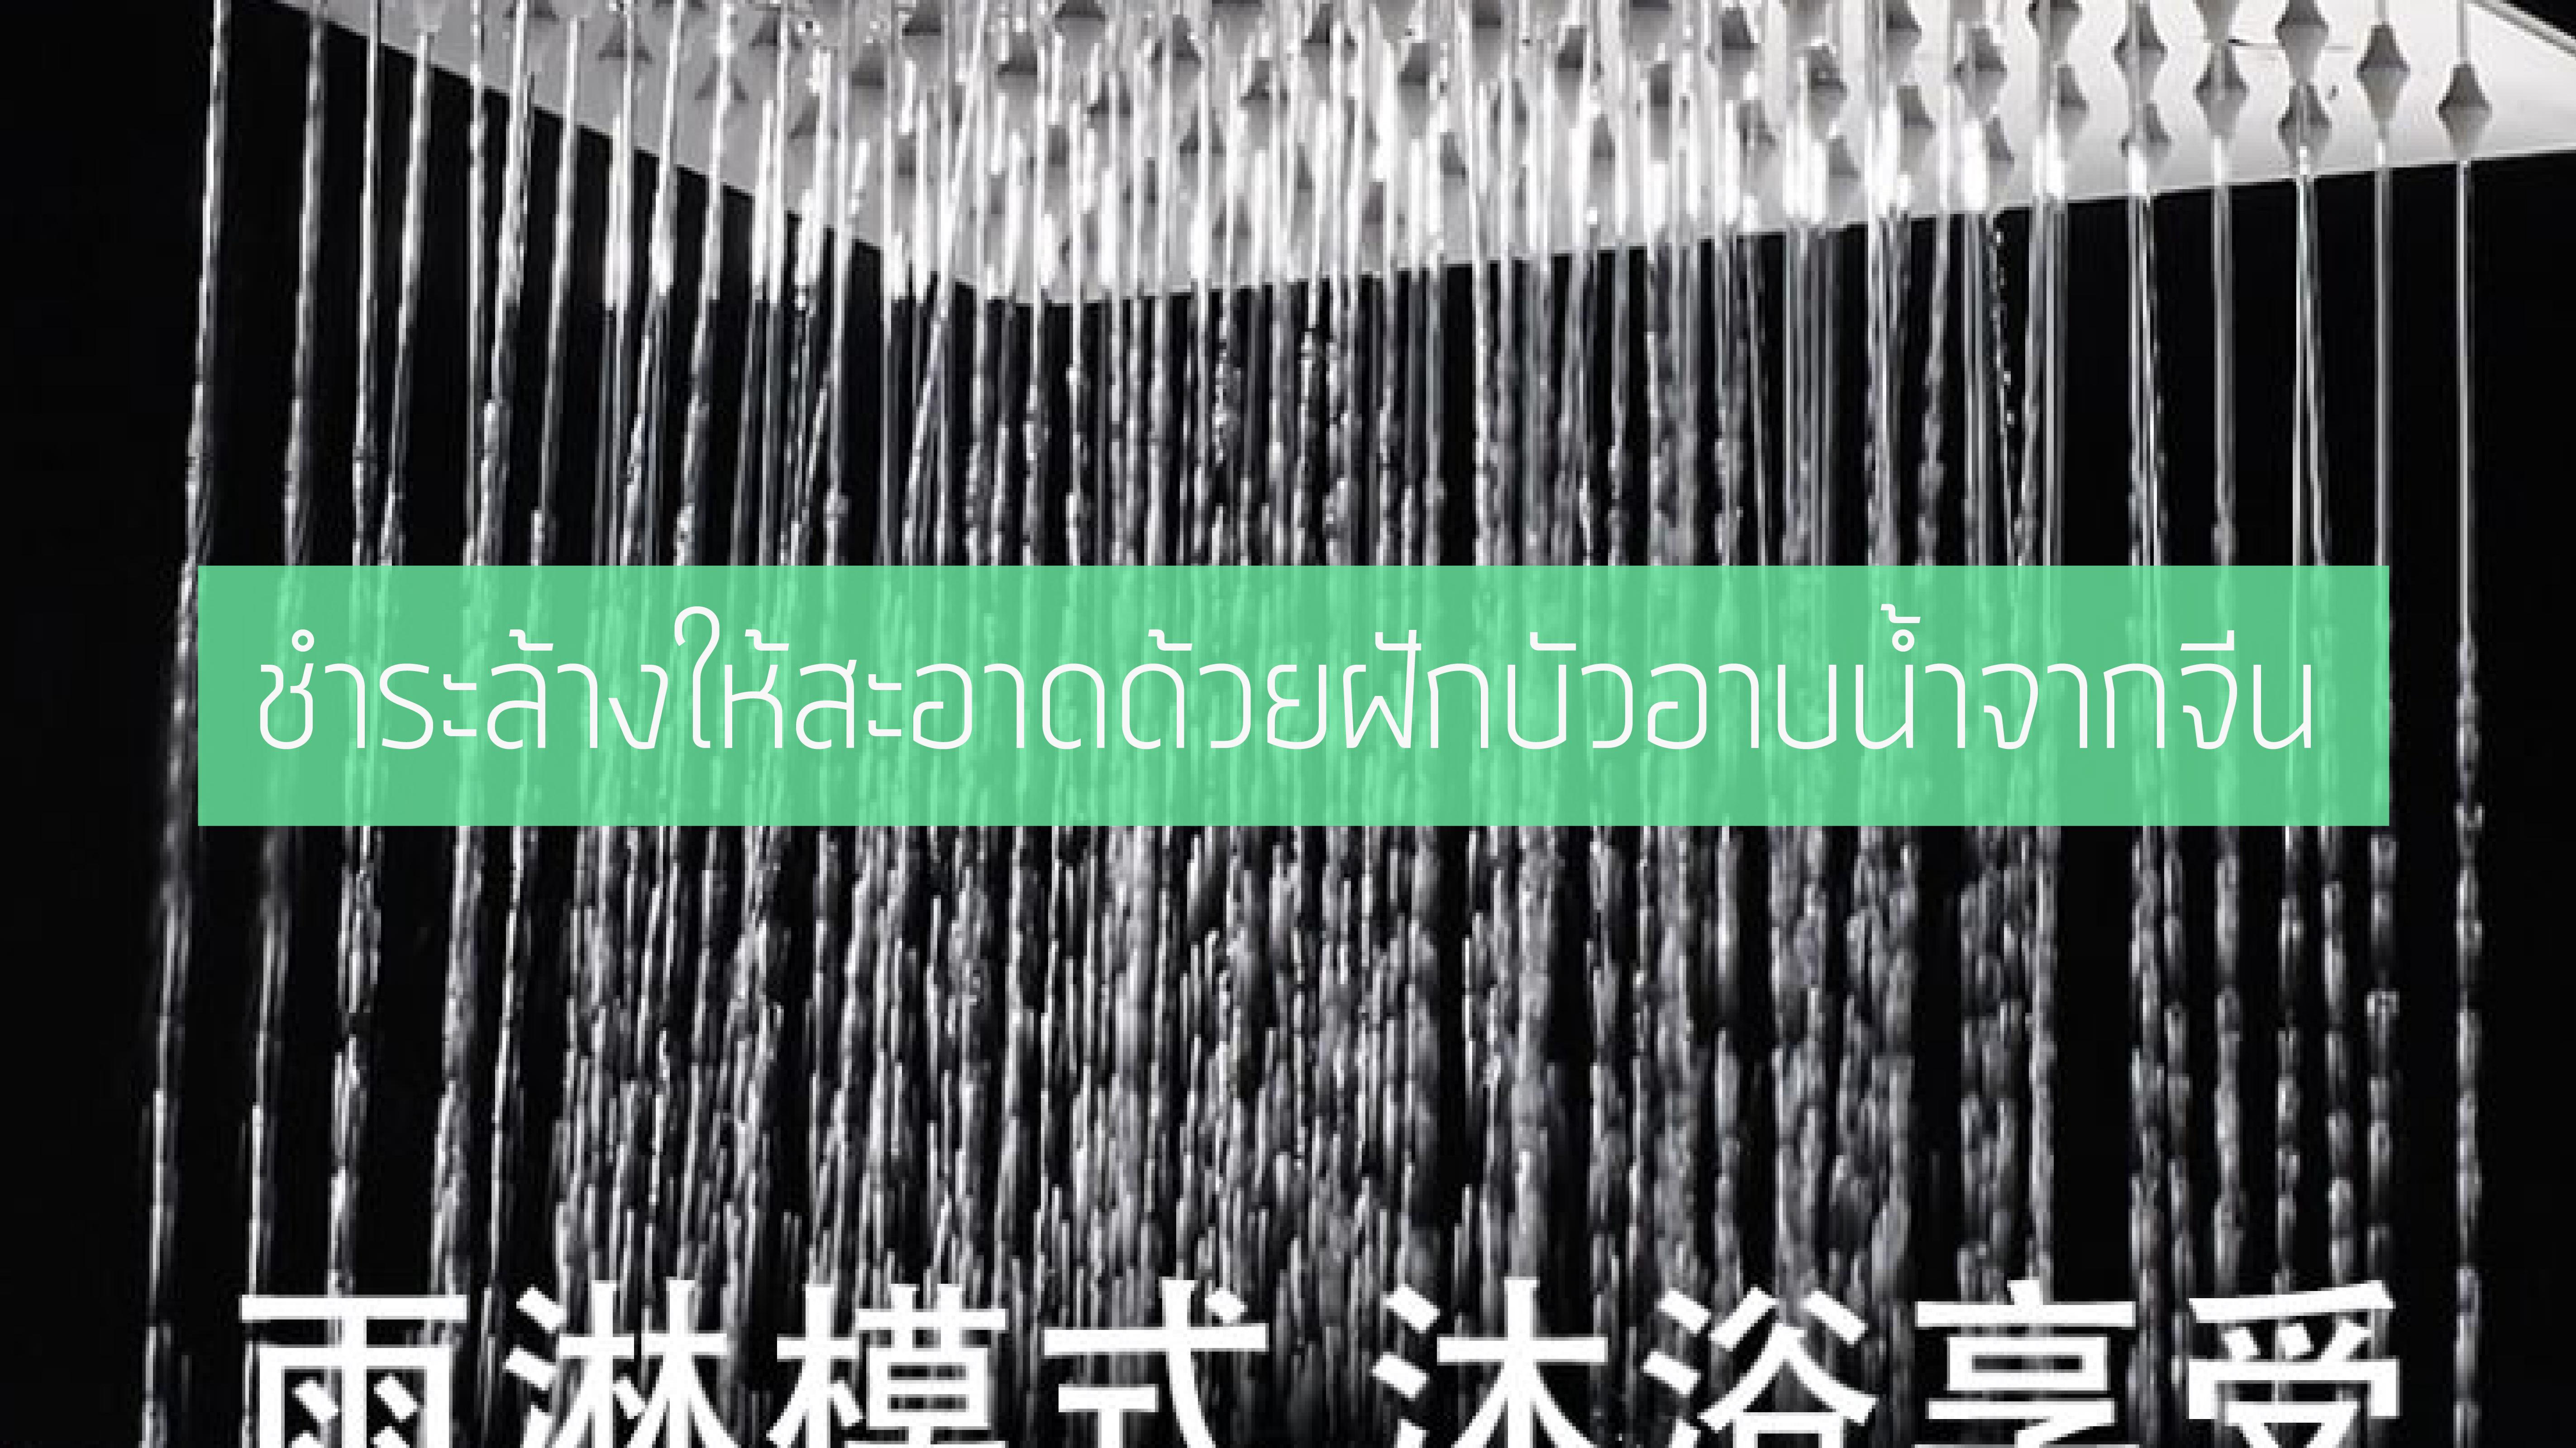 สินค้าพรีออเดอร์ ชำระล้างให้สะอาดด้วยฝักบัวอาบน้ำจากจีน